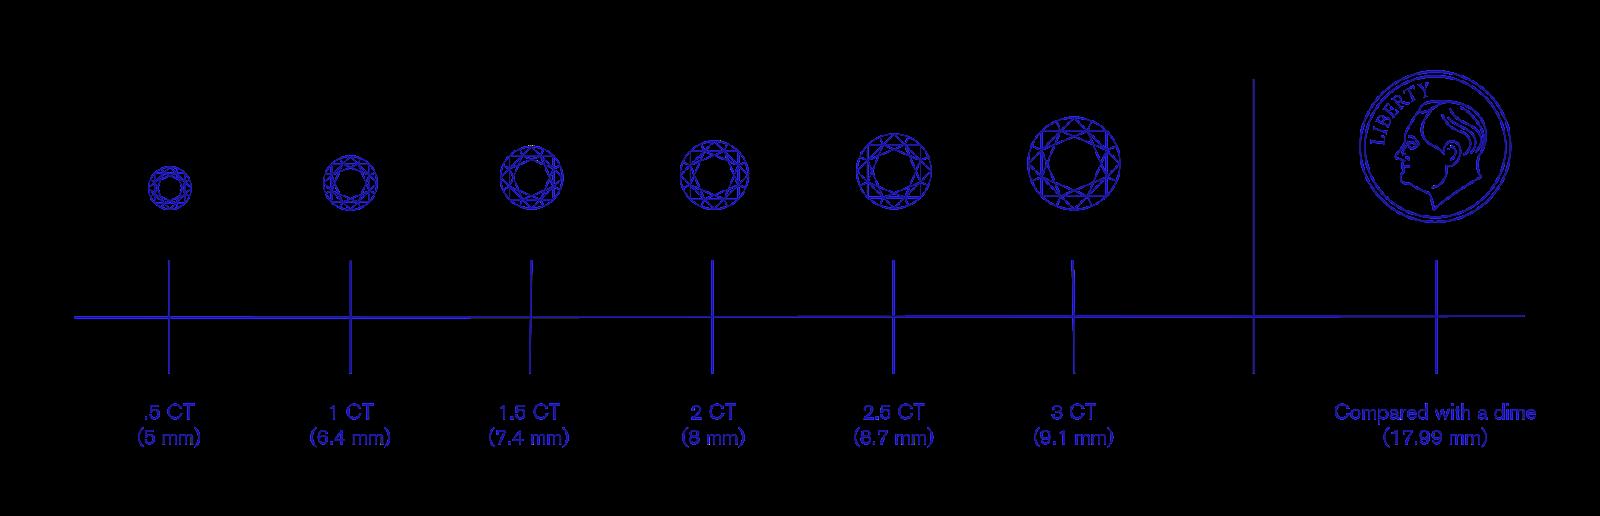 Carat diagram for diamonds